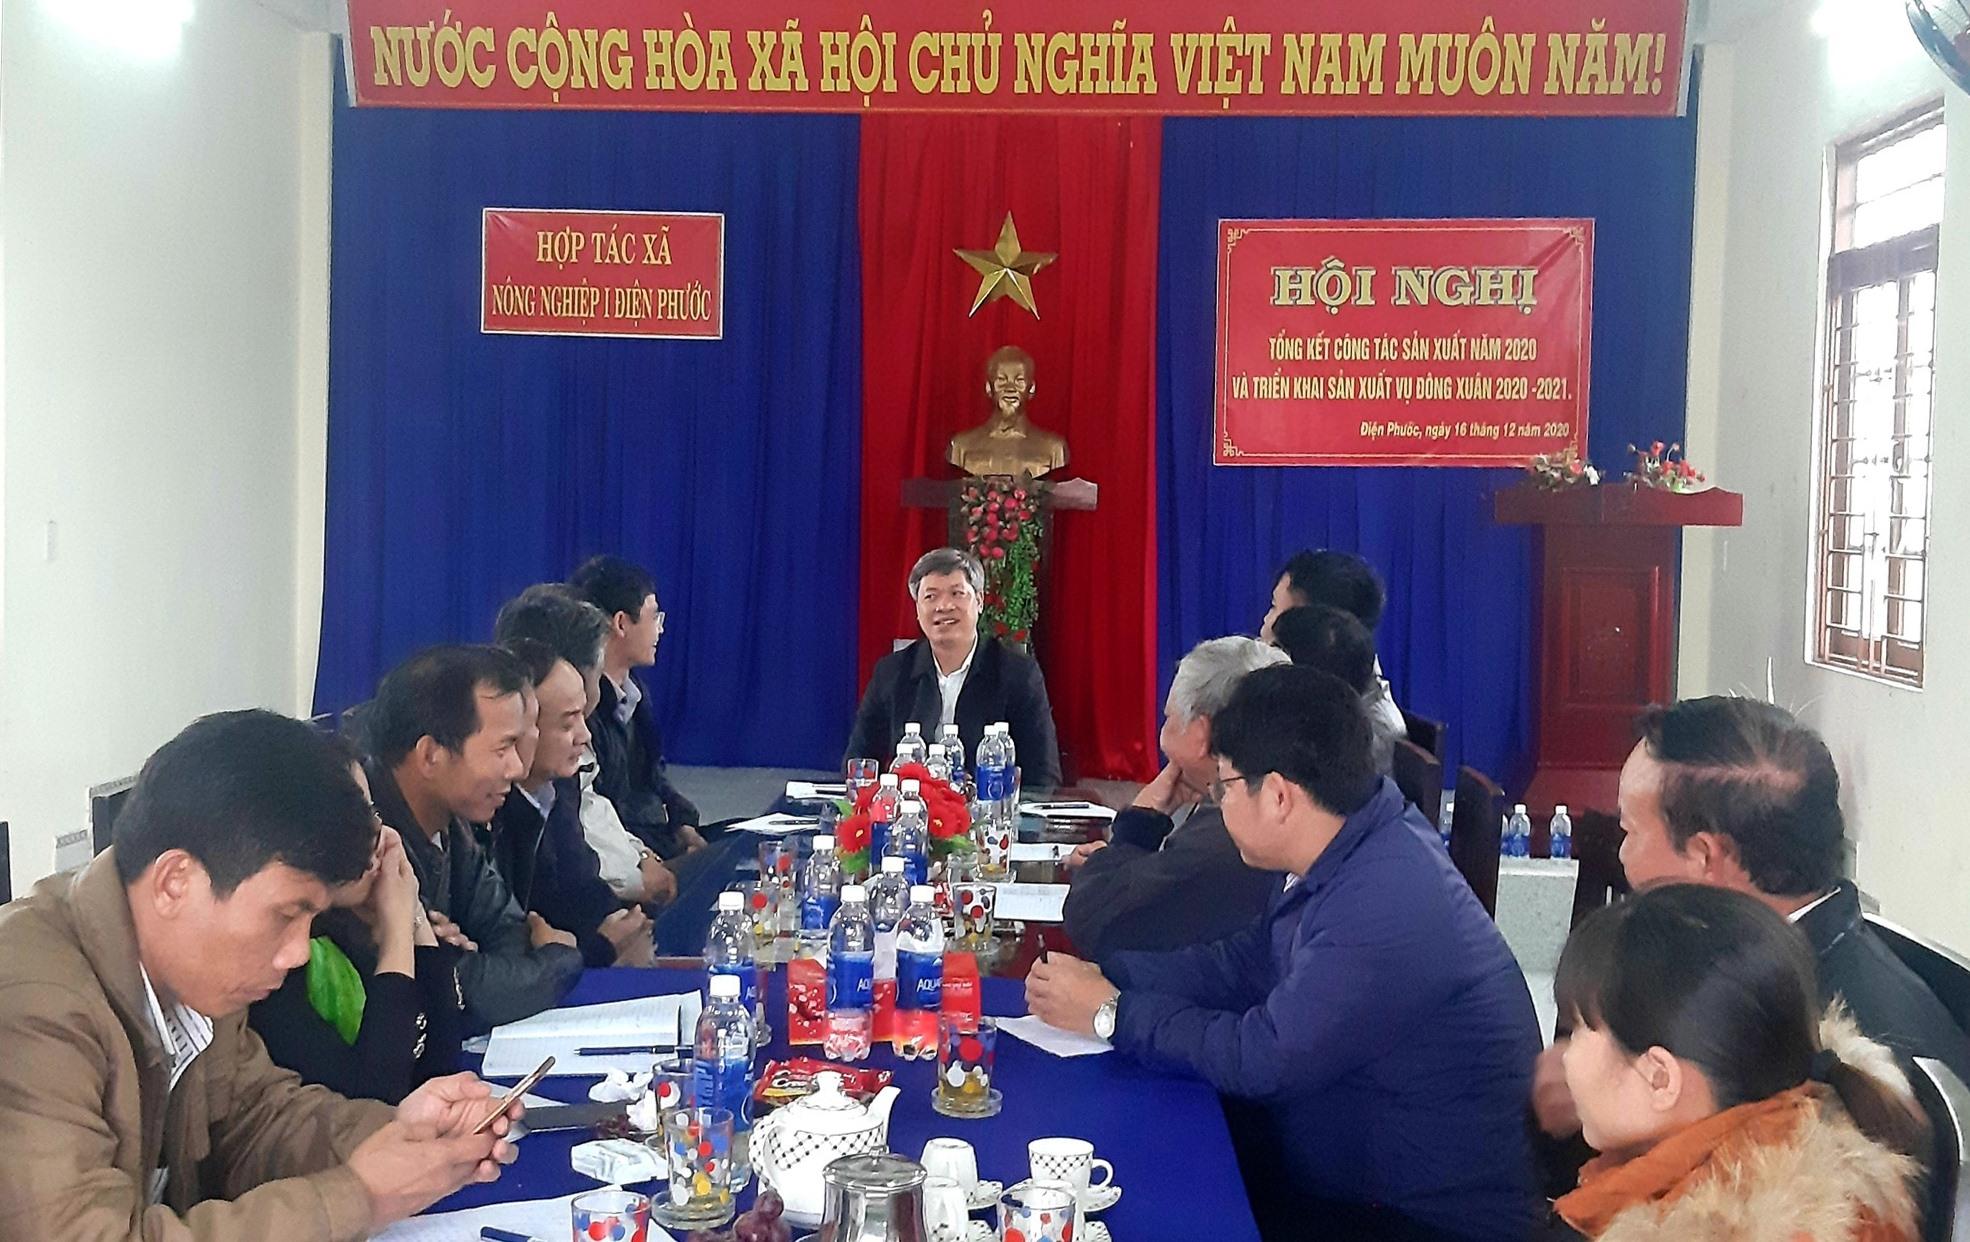 Phó Chủ tịch UBND tỉnh Hồ Quang Bửu cùng đại diện các đơn vị liên quan của tỉnh làm việc với lãnh đạo ngành nông nghiệp Điện Bàn và một số hợp tác xã nông nghiệp chiều 8.1. Ảnh: VĂN SỰ